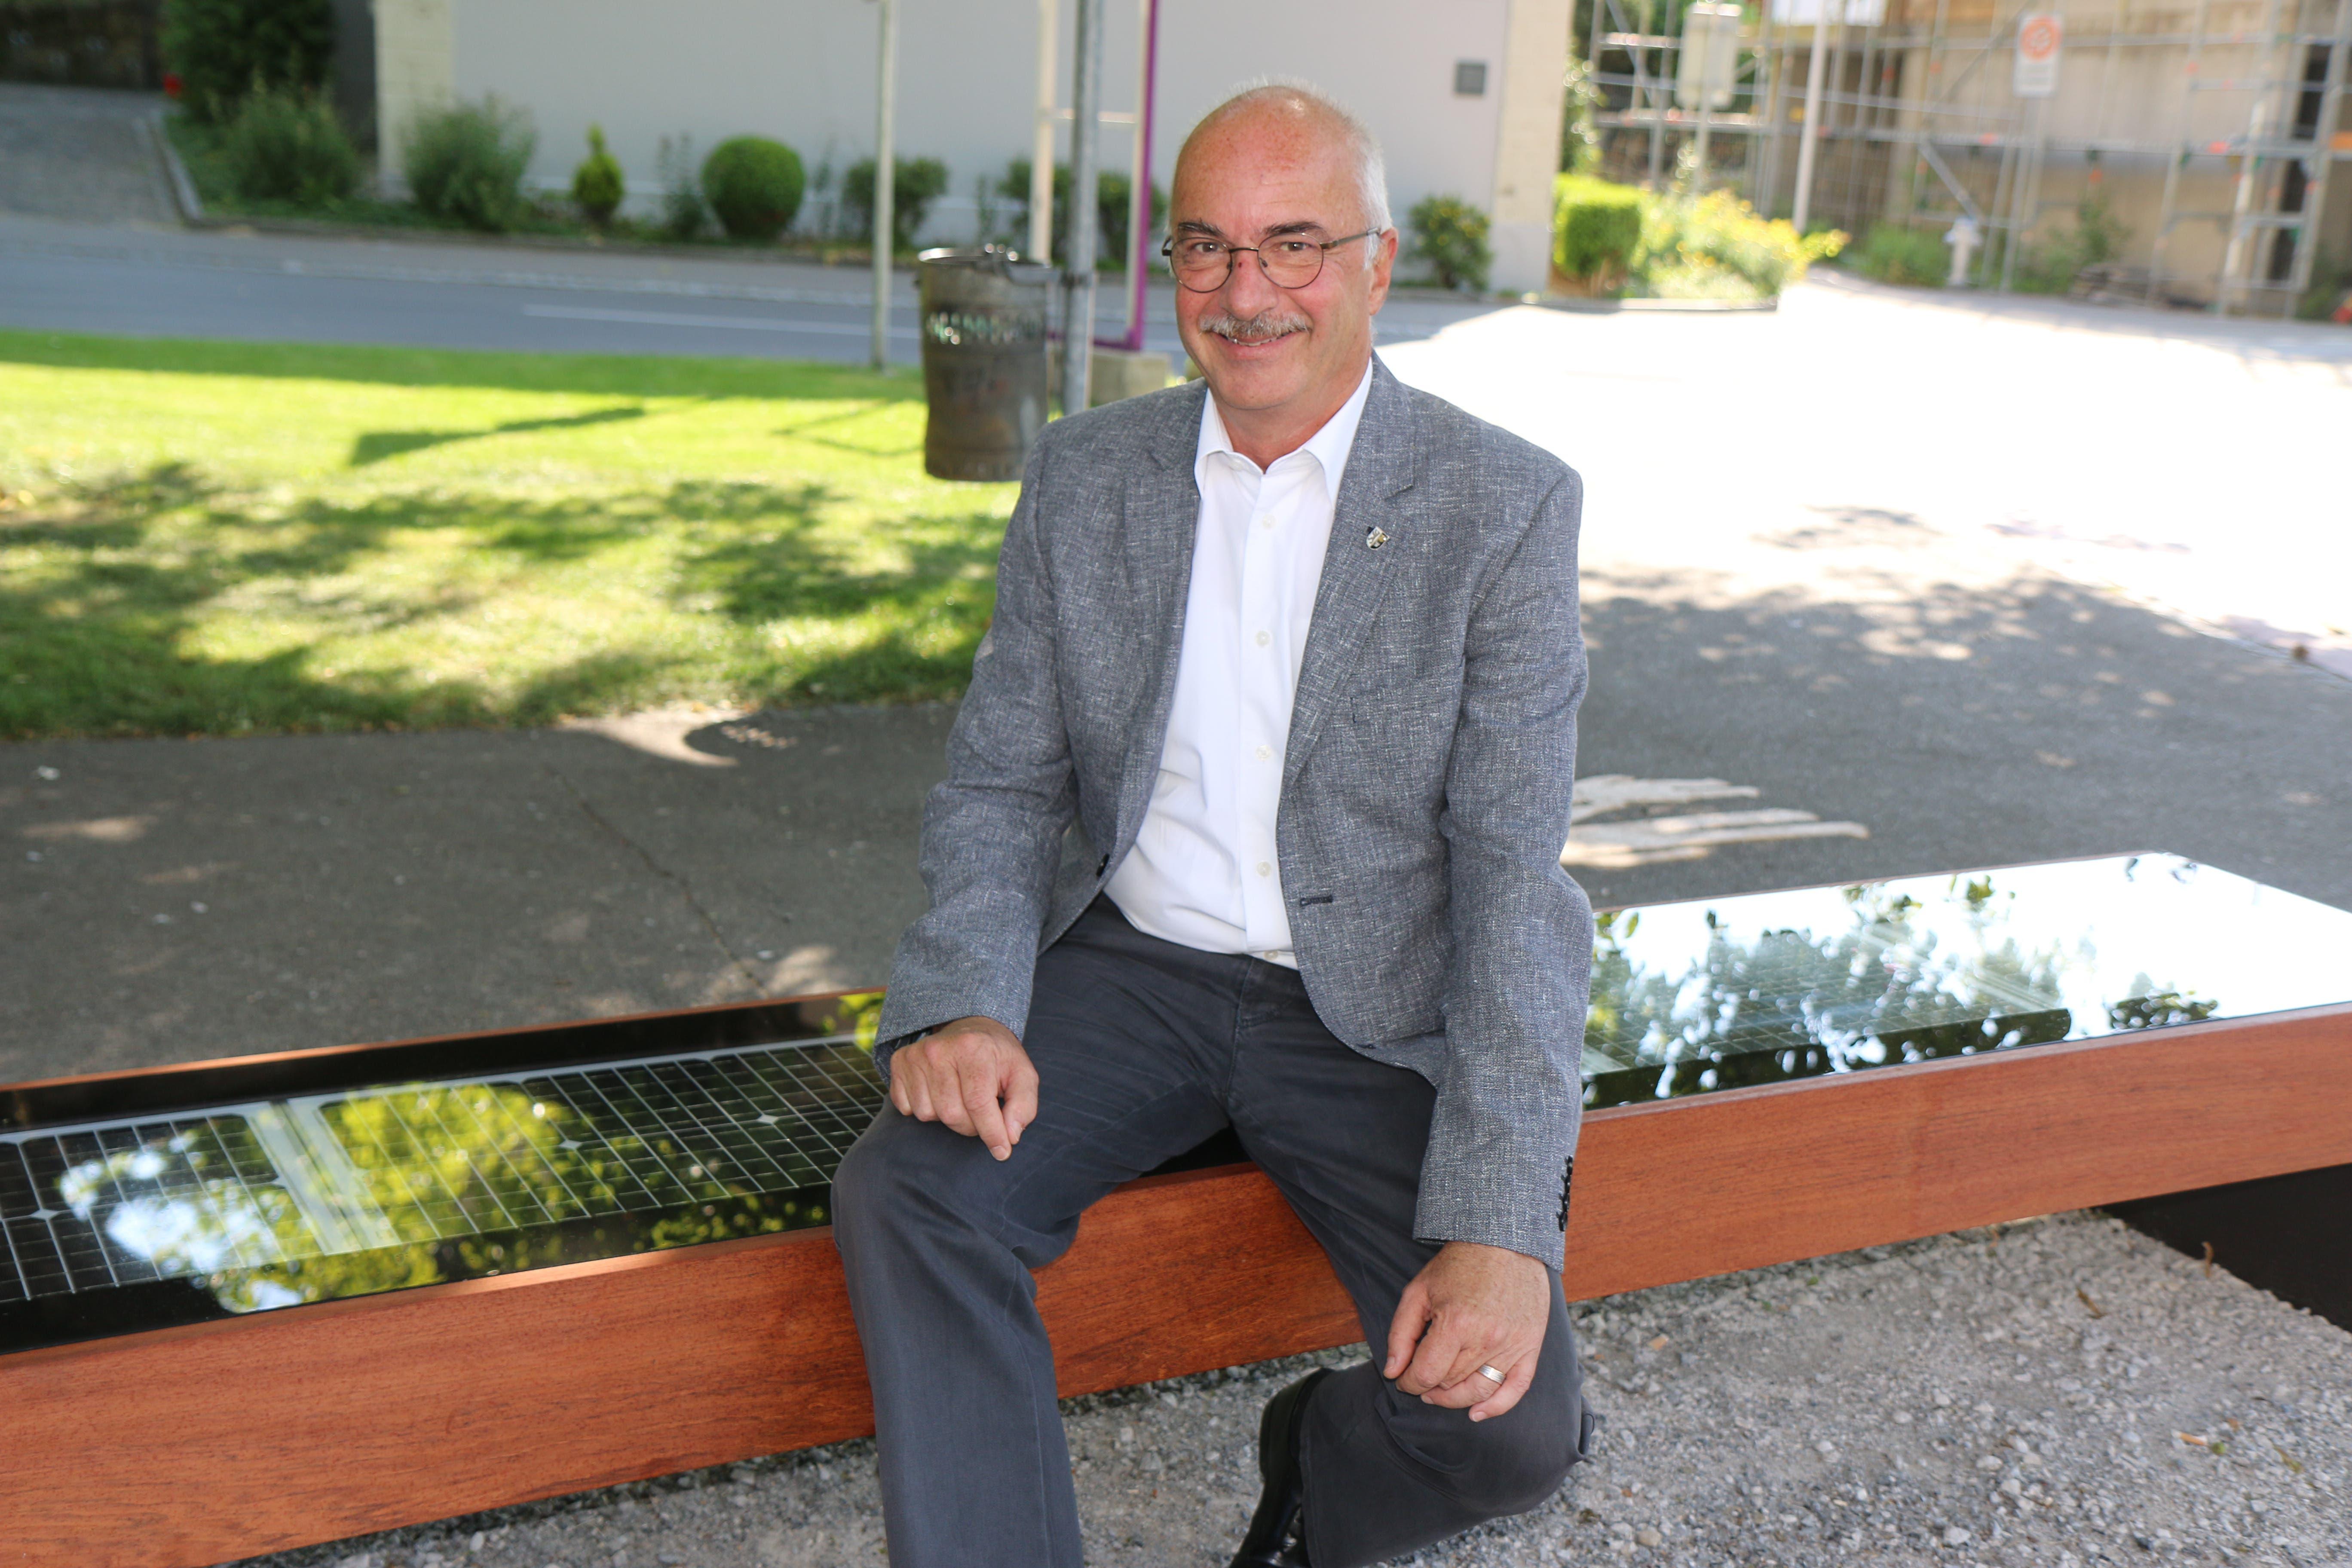 Daniel Meili, Stadtpräsident ad interim, sitzt auf dem neuen Photovoltaik-Wifi-Bänkli nahe dem Alterszentrum Sonnenhof.